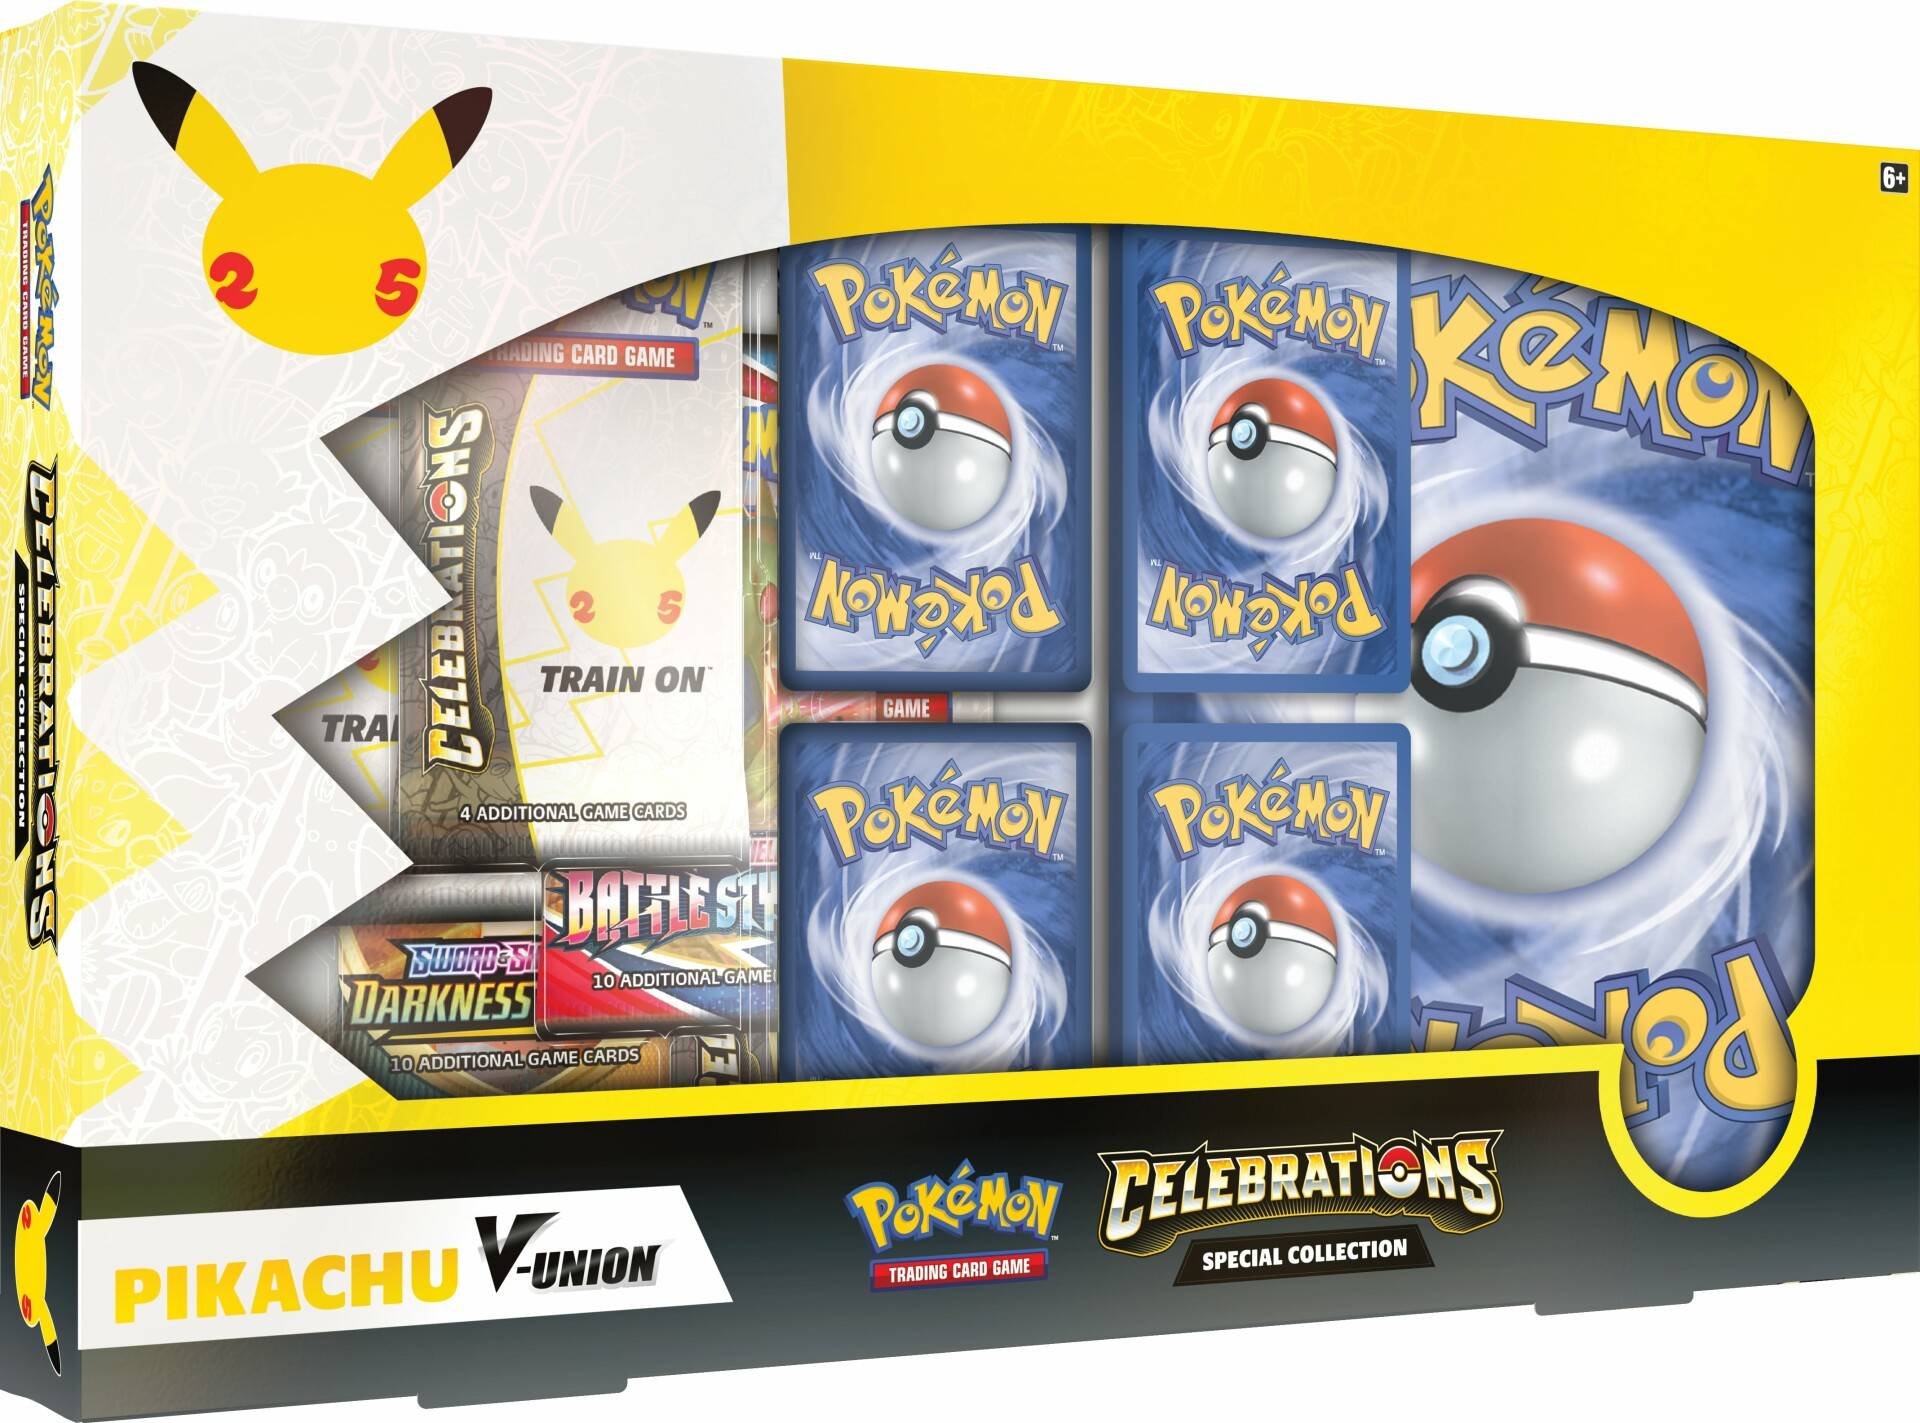 Pokemon-celebrations-Pikachu-V-Union-Collection